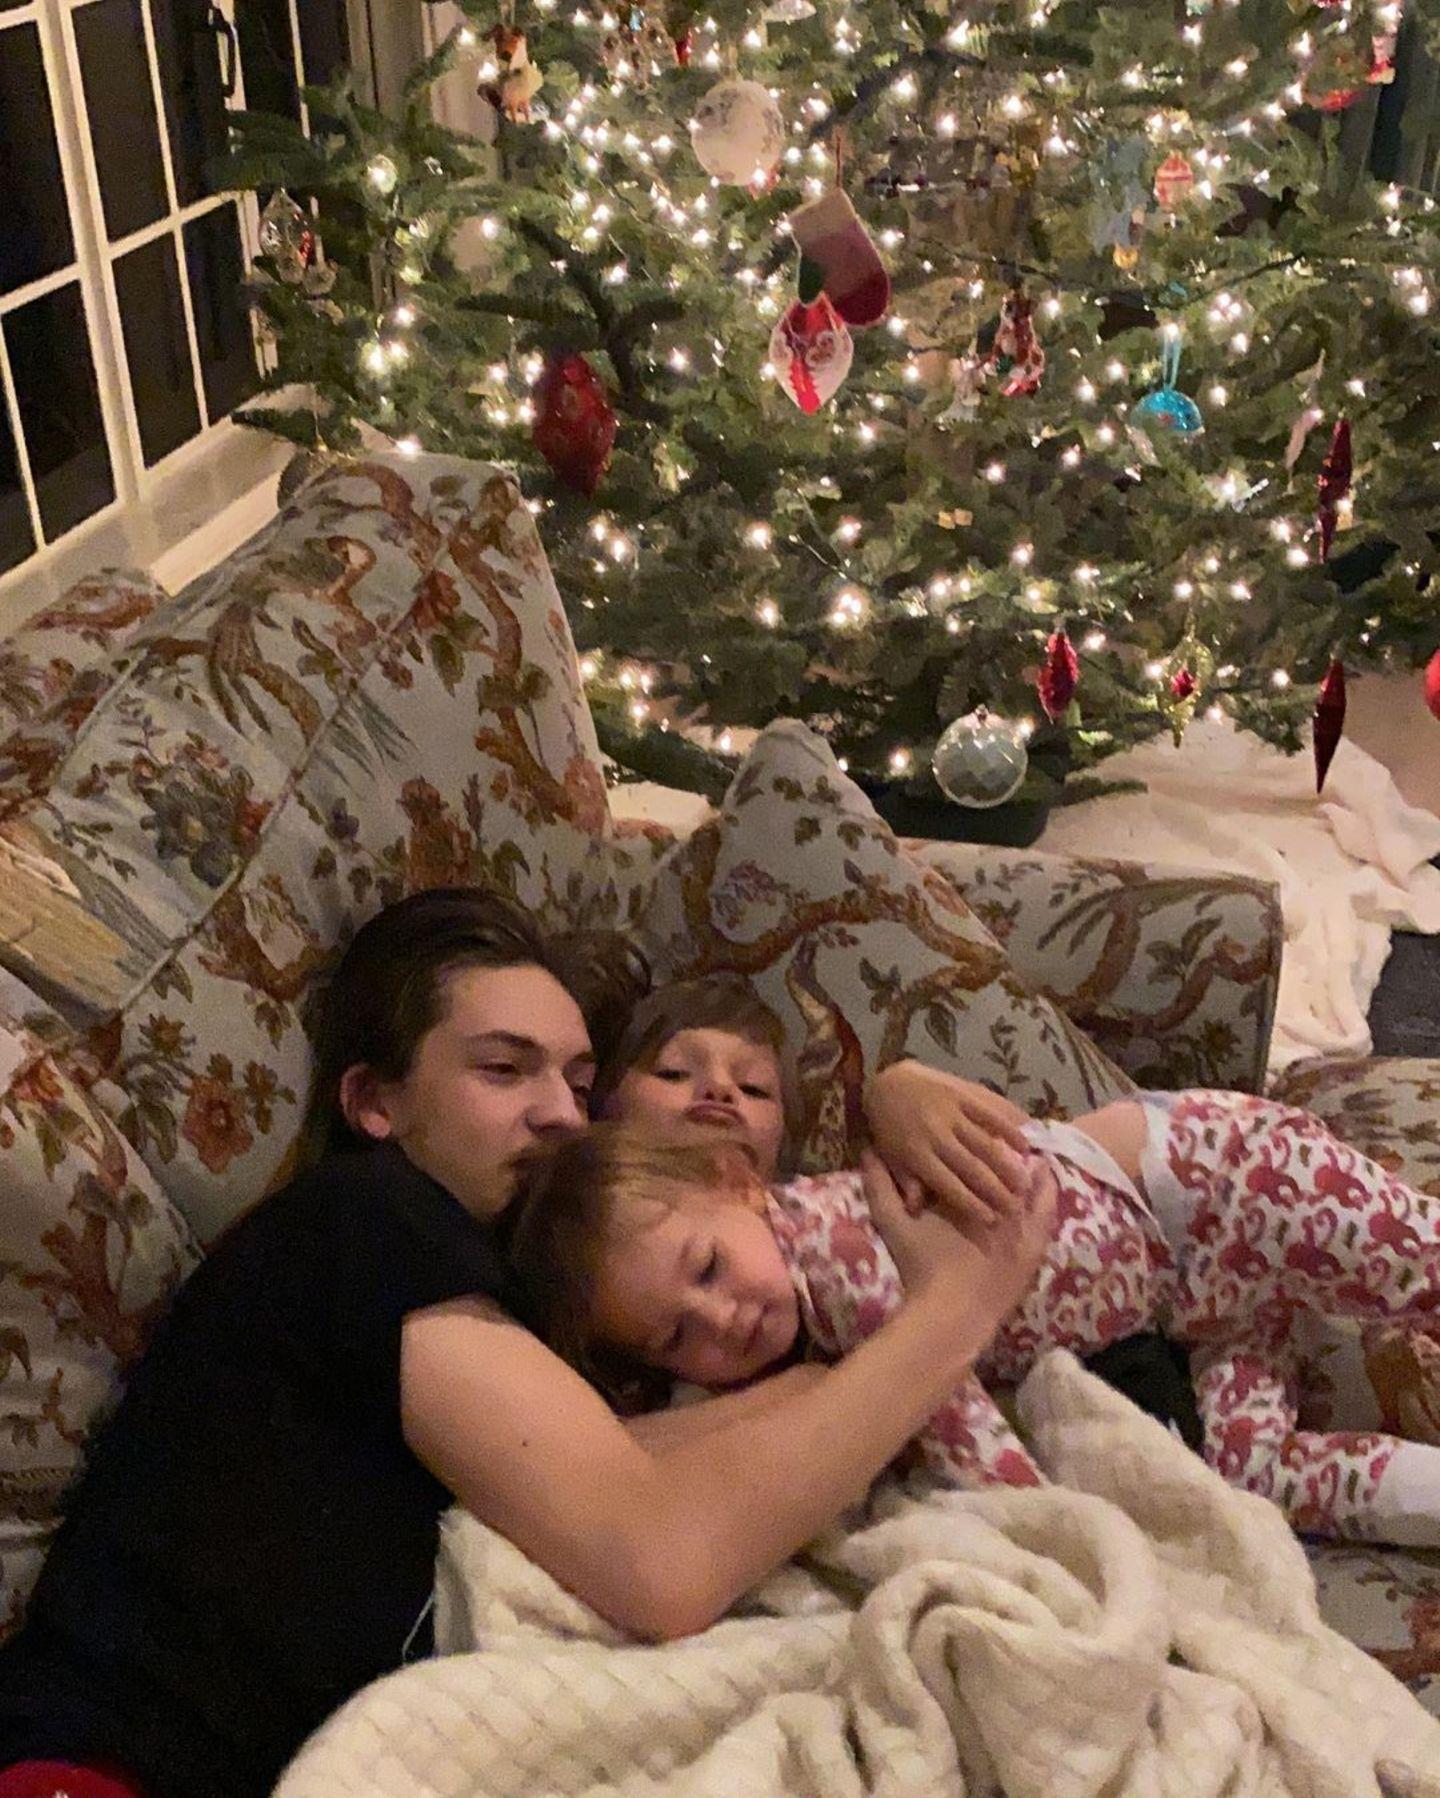 Stolz postet Kate Hudson ein Foto ihrer Kinder Ryder, Bingham und Rani, die eng aneinander gekuschelt auf dem Sofa vor dem geschmückten Weihnachtsbaum liegen.